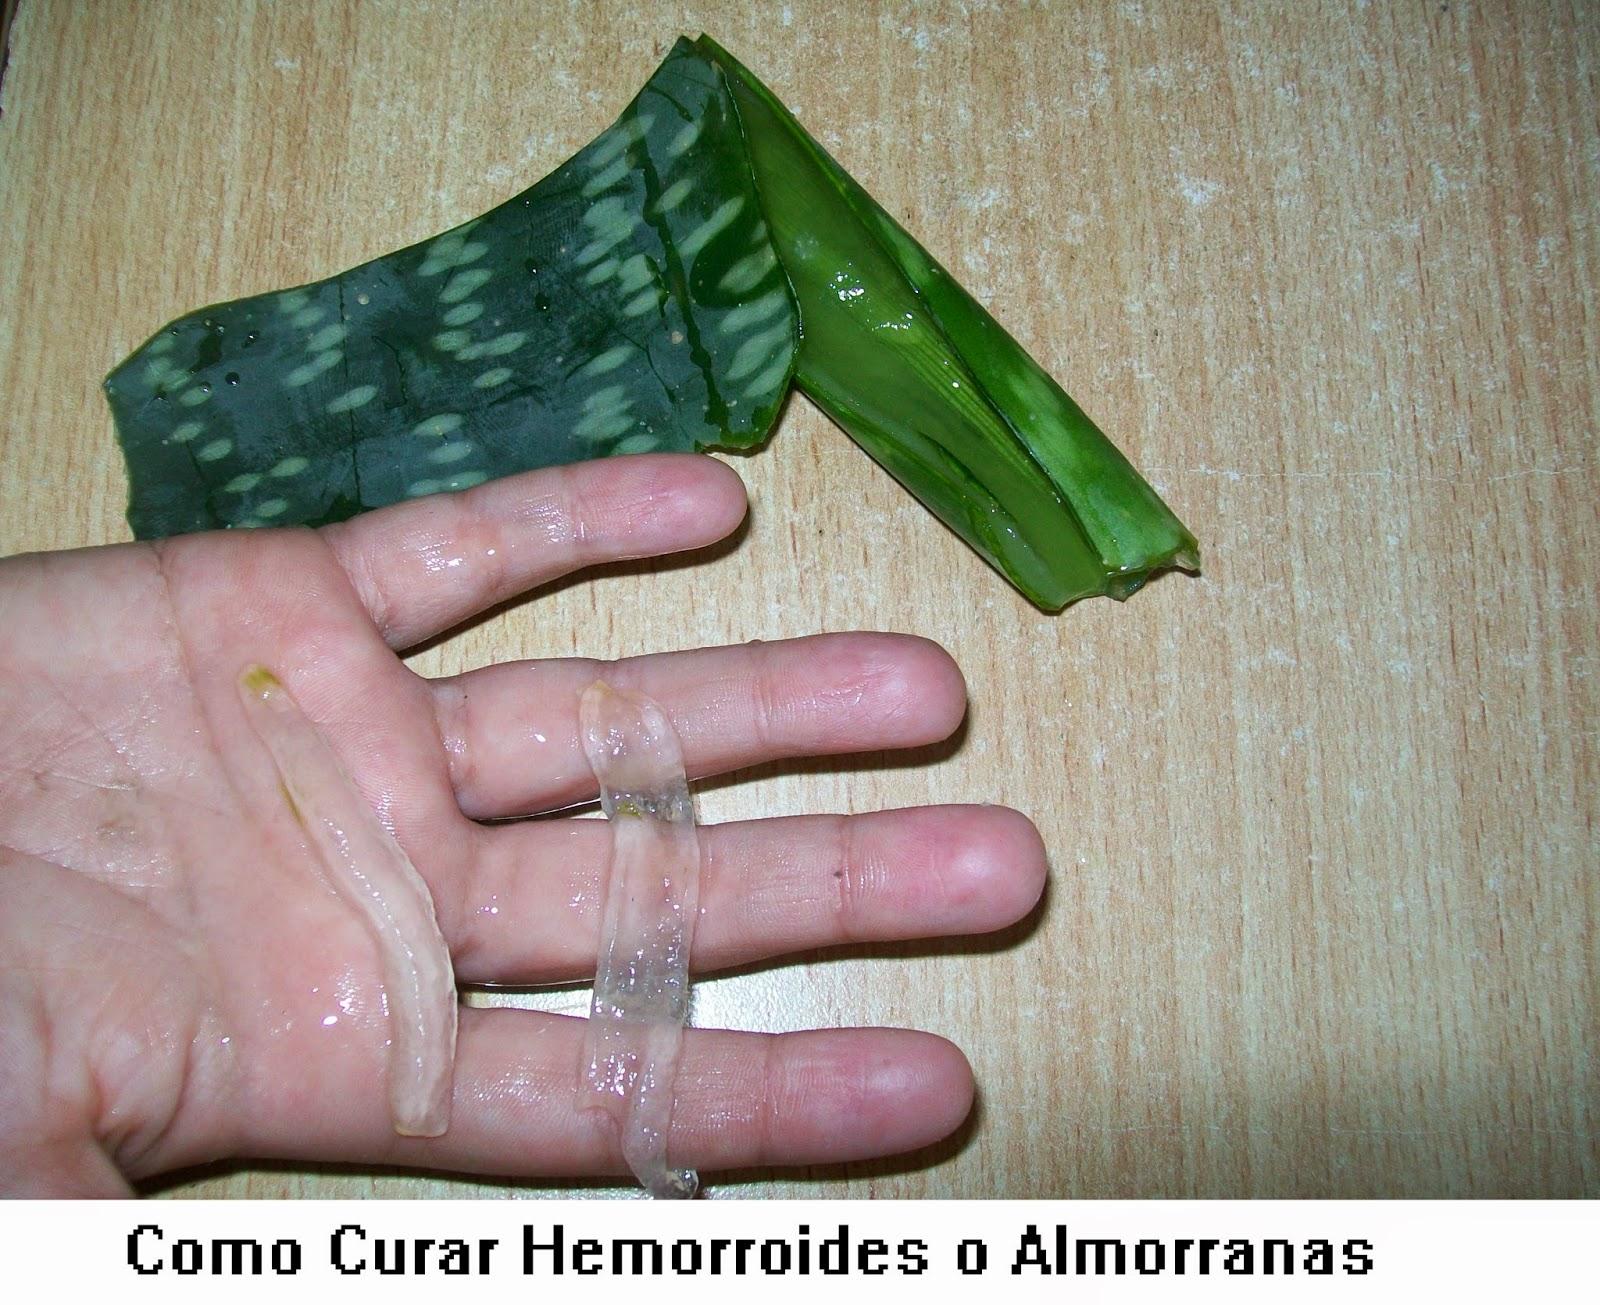 La tromboflebitis de las venas hipodérmicas de las extremidades superiores el tratamiento